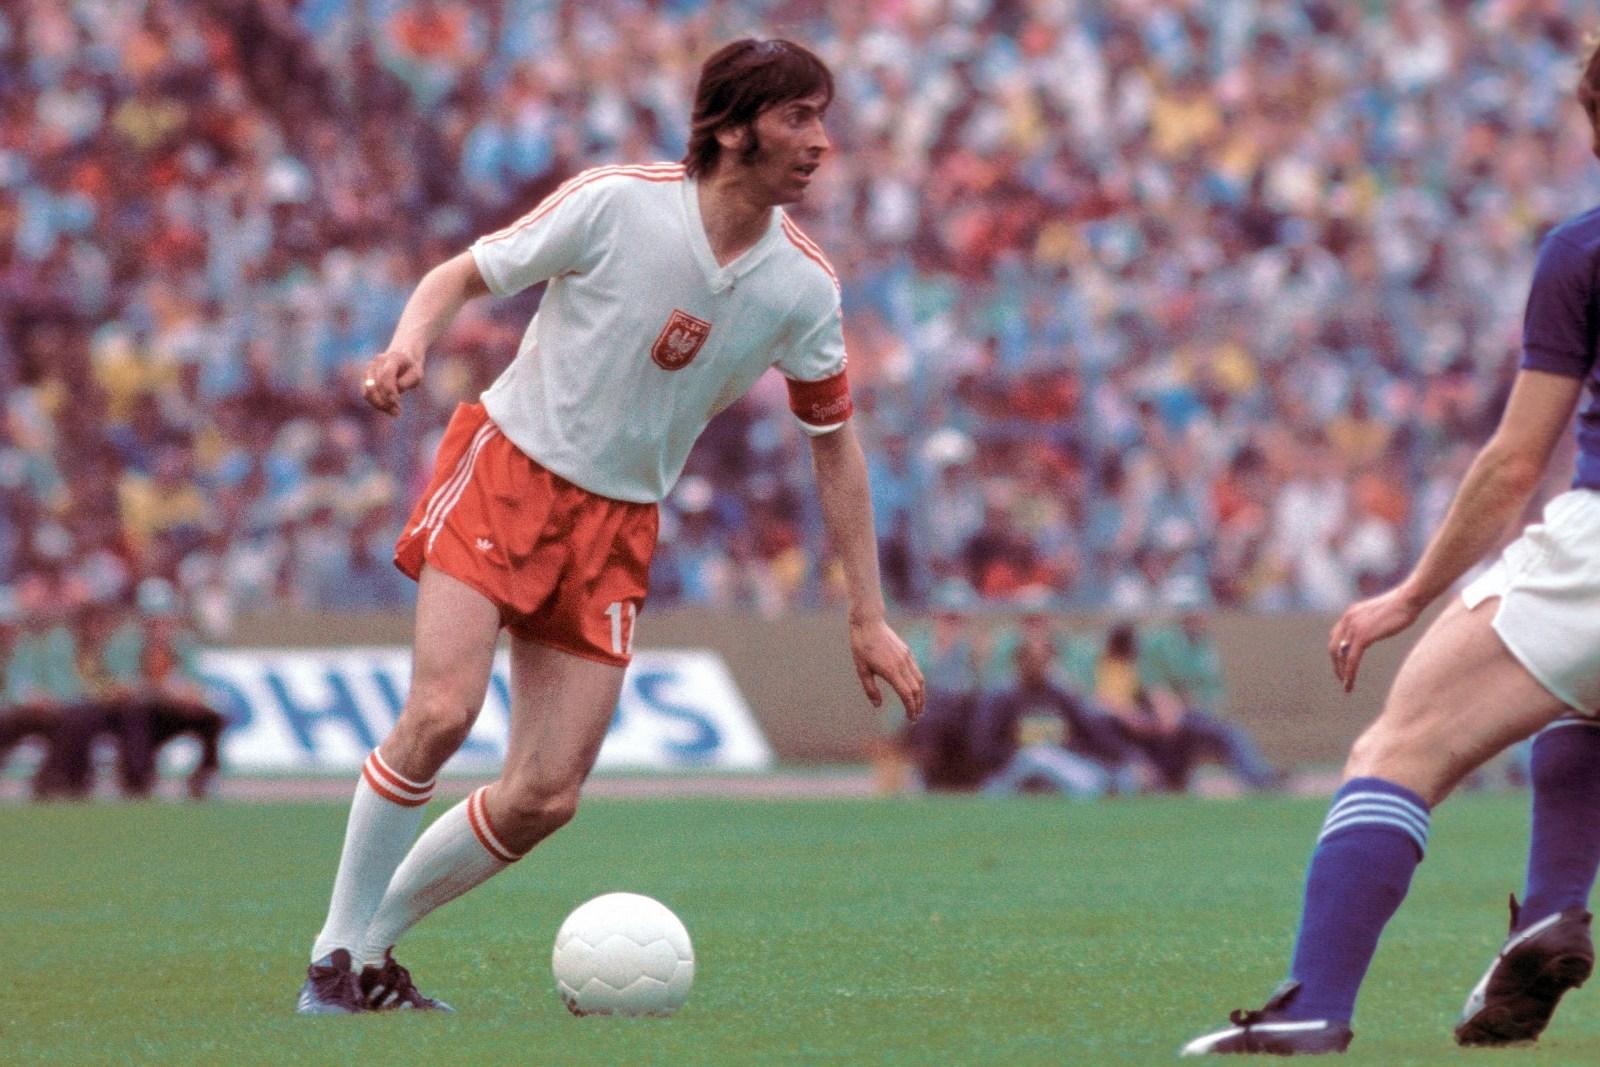 0b35c4587 Kolejnym filmem jest Deyna o jednym z najsławniejszych i najbardziej  utalentowanych Polskich piłkarzy w historii. Kazimierz Deyna urodził się w  1947 roku w ...